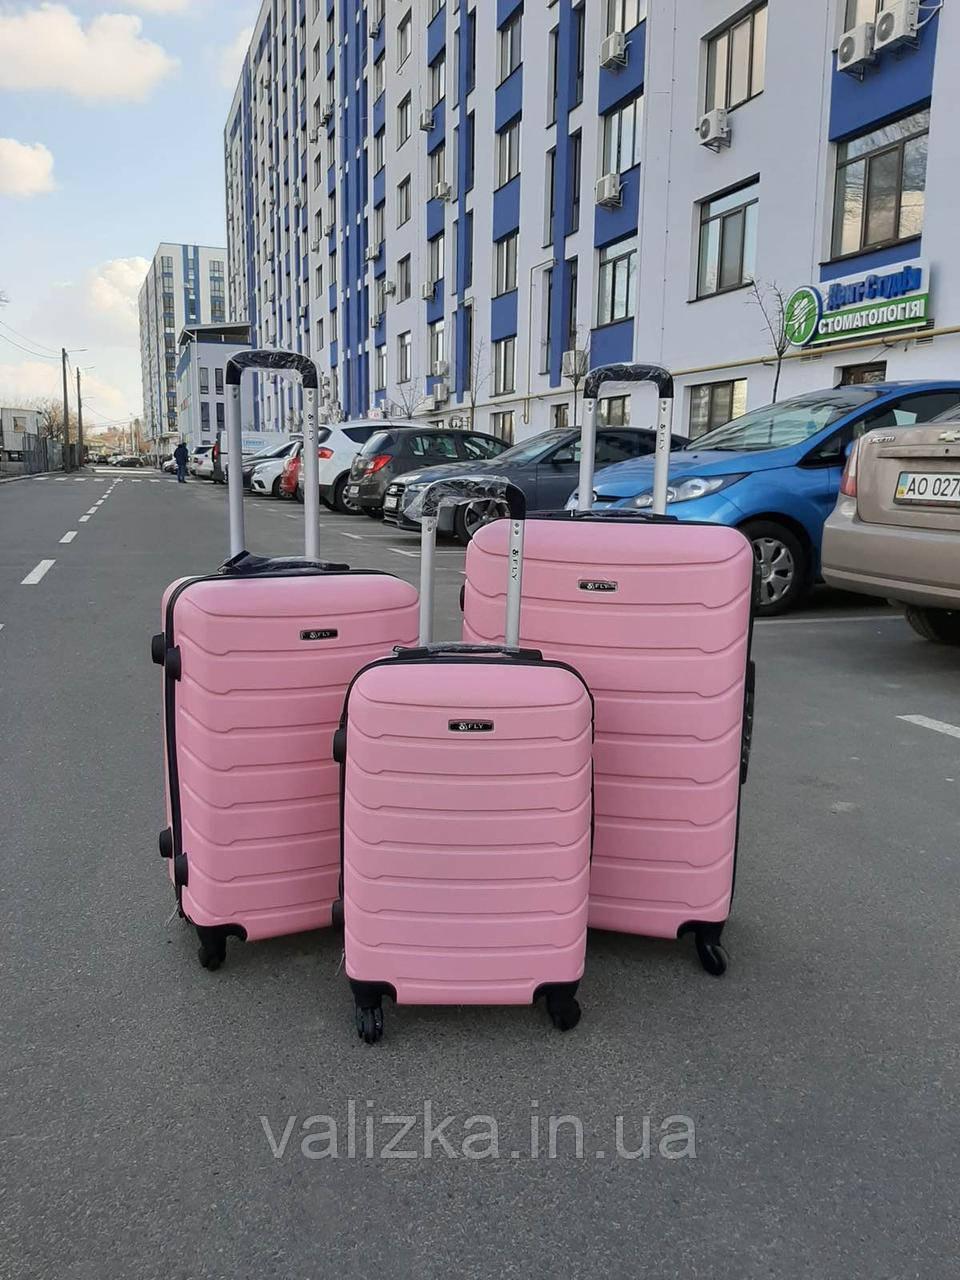 Средний пластиковый чемодан на 4-х колесах качественный розовый чемодан / Пластикова валіза середня